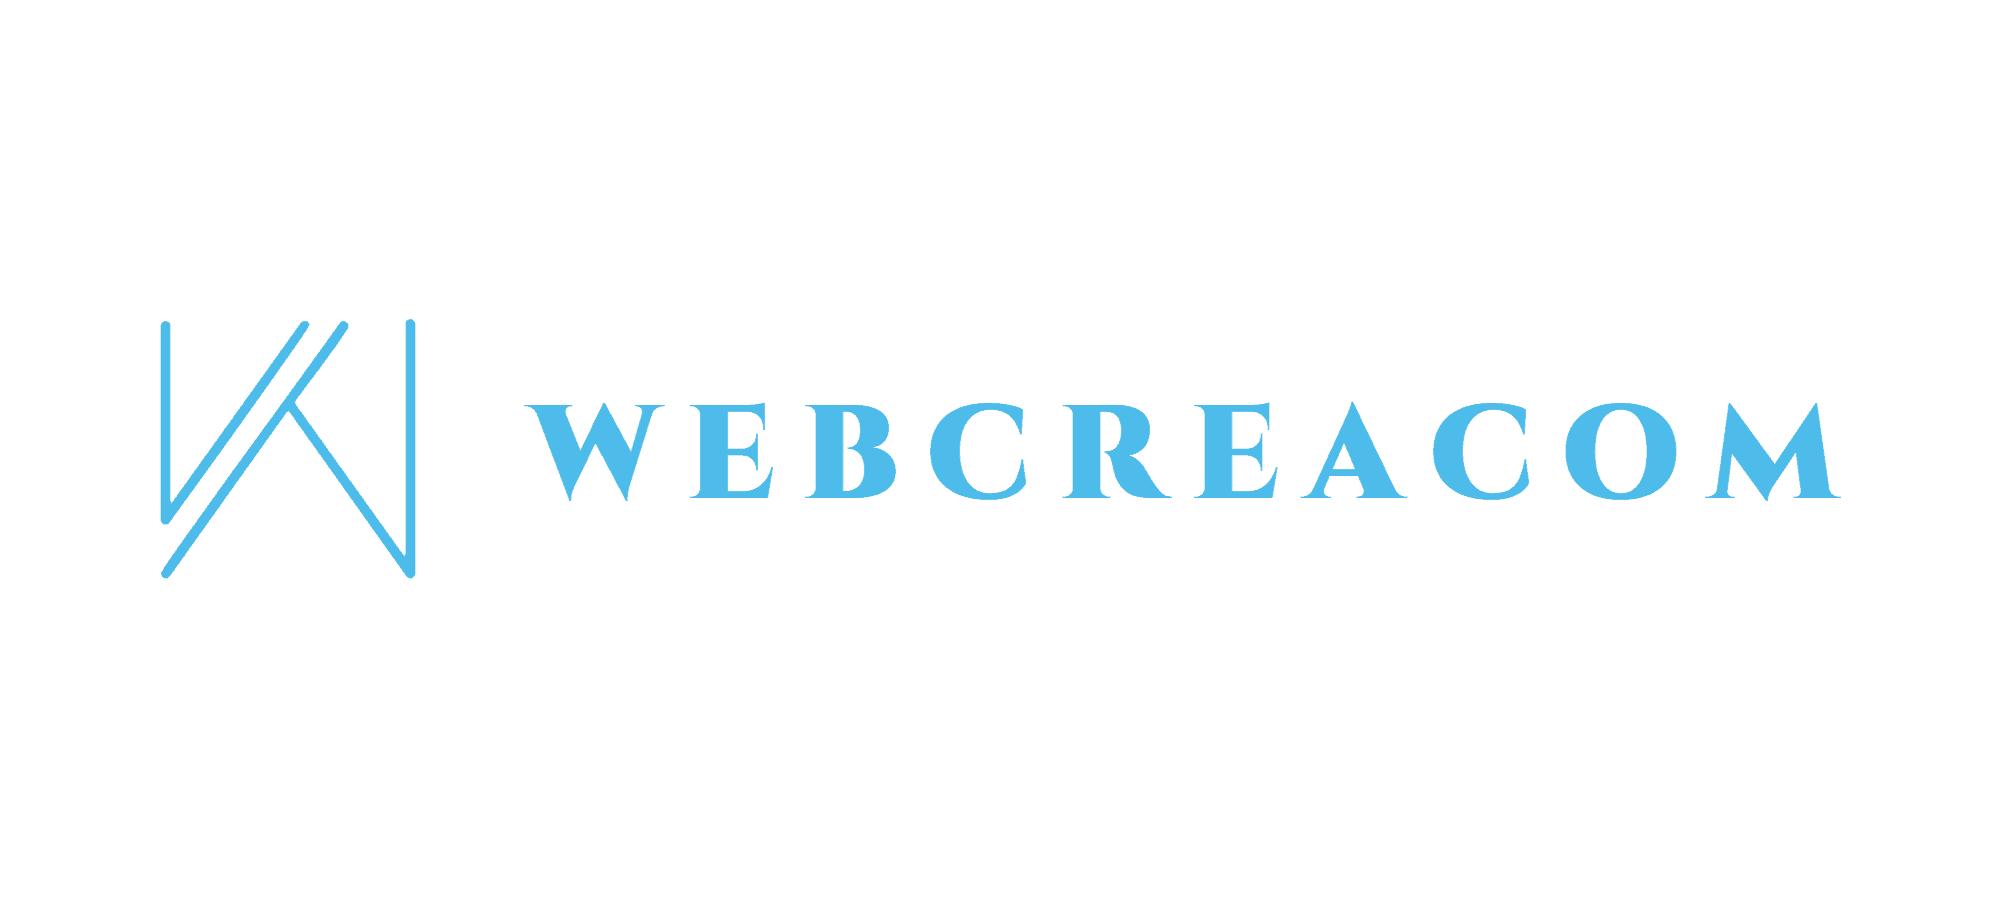 Webcreacom